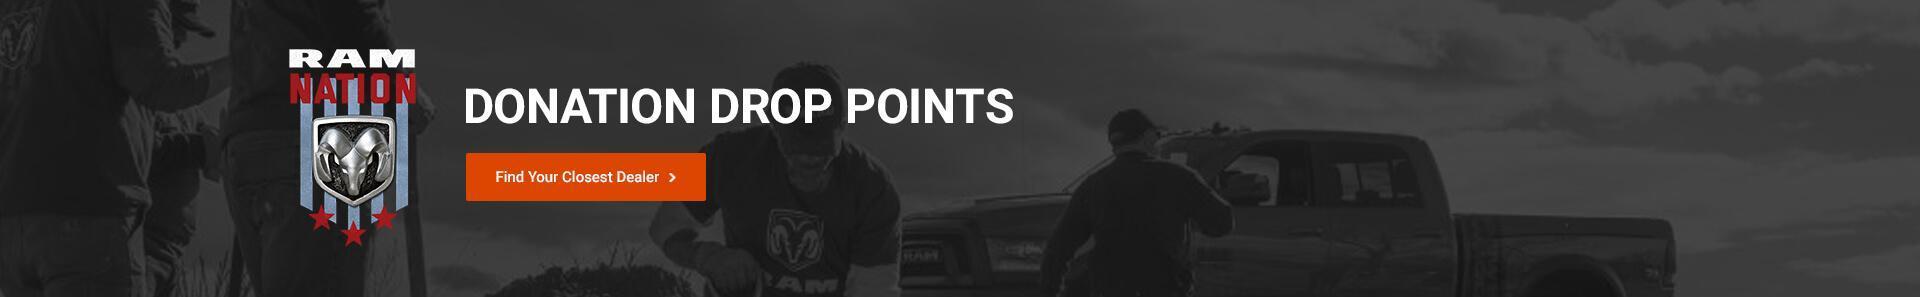 Donation Drop points